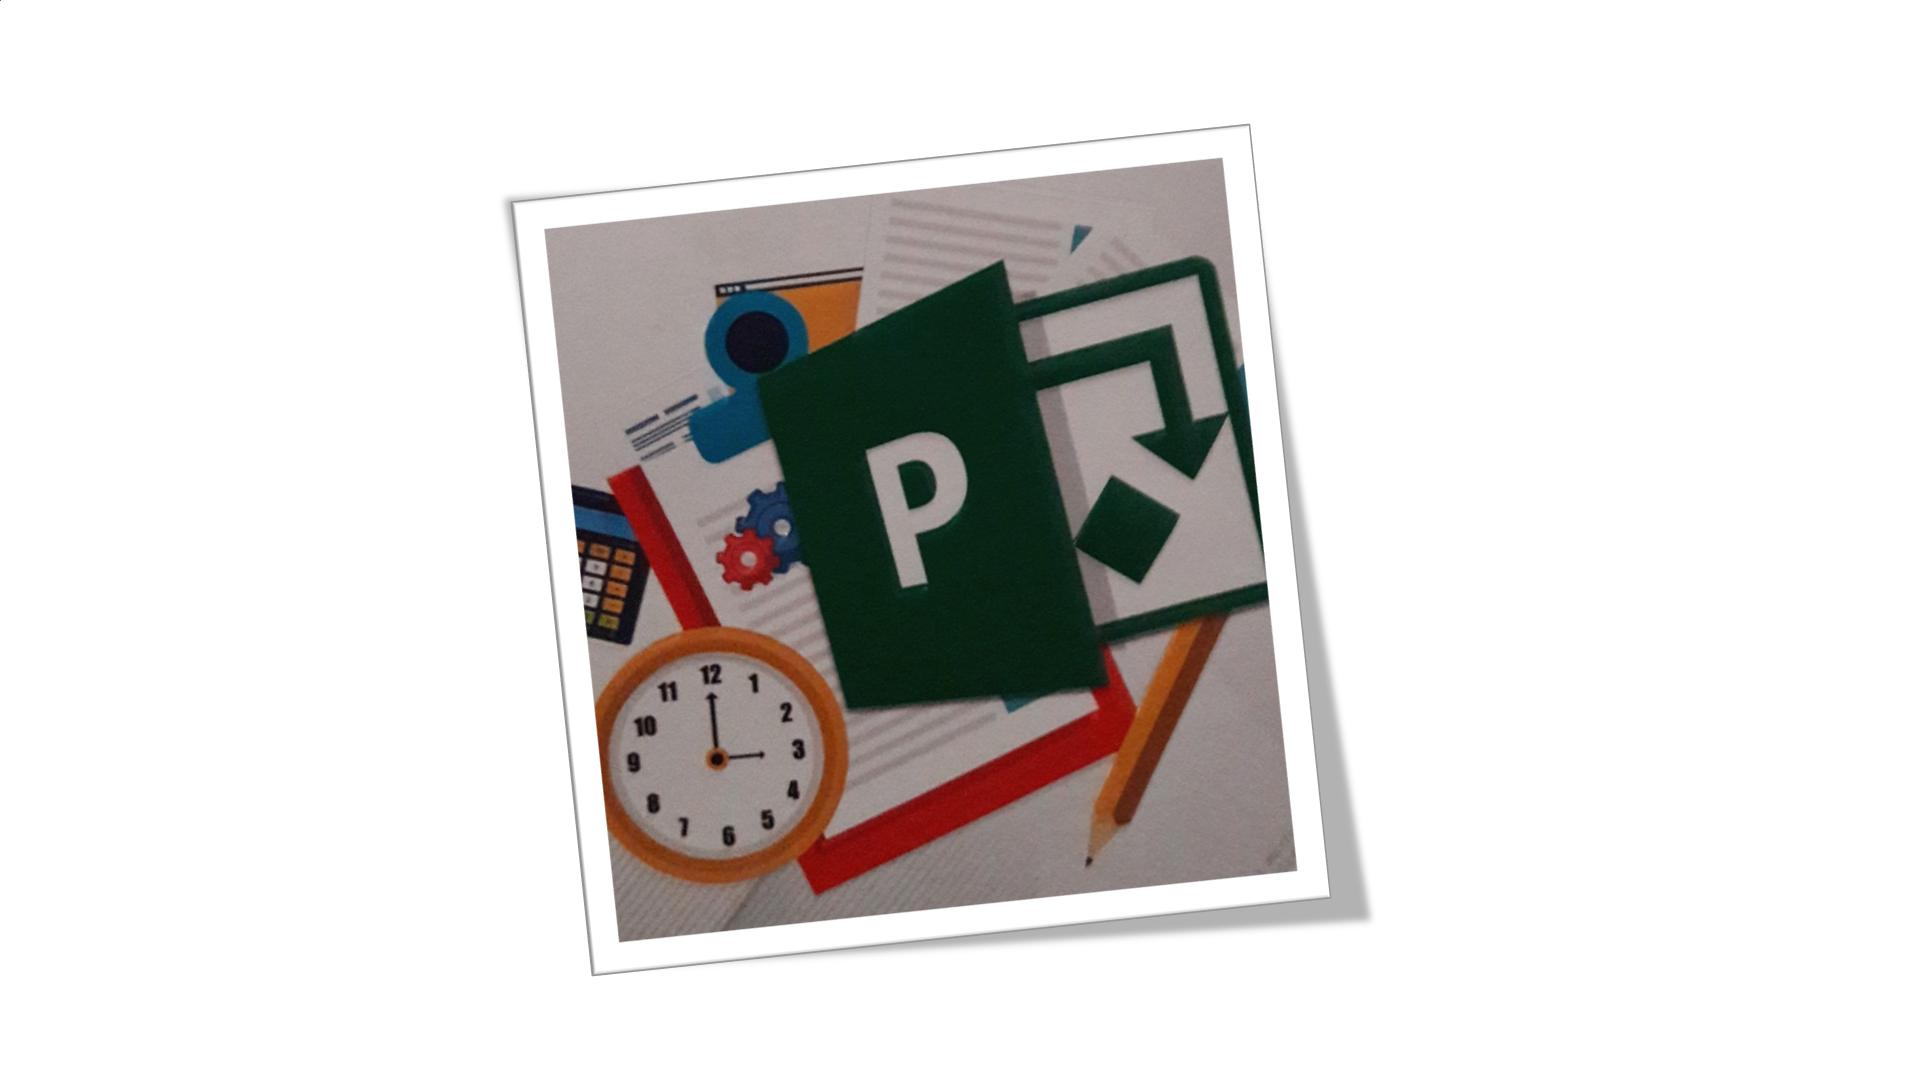 زمانبندی و کنترل پروژه با ms-project 2016